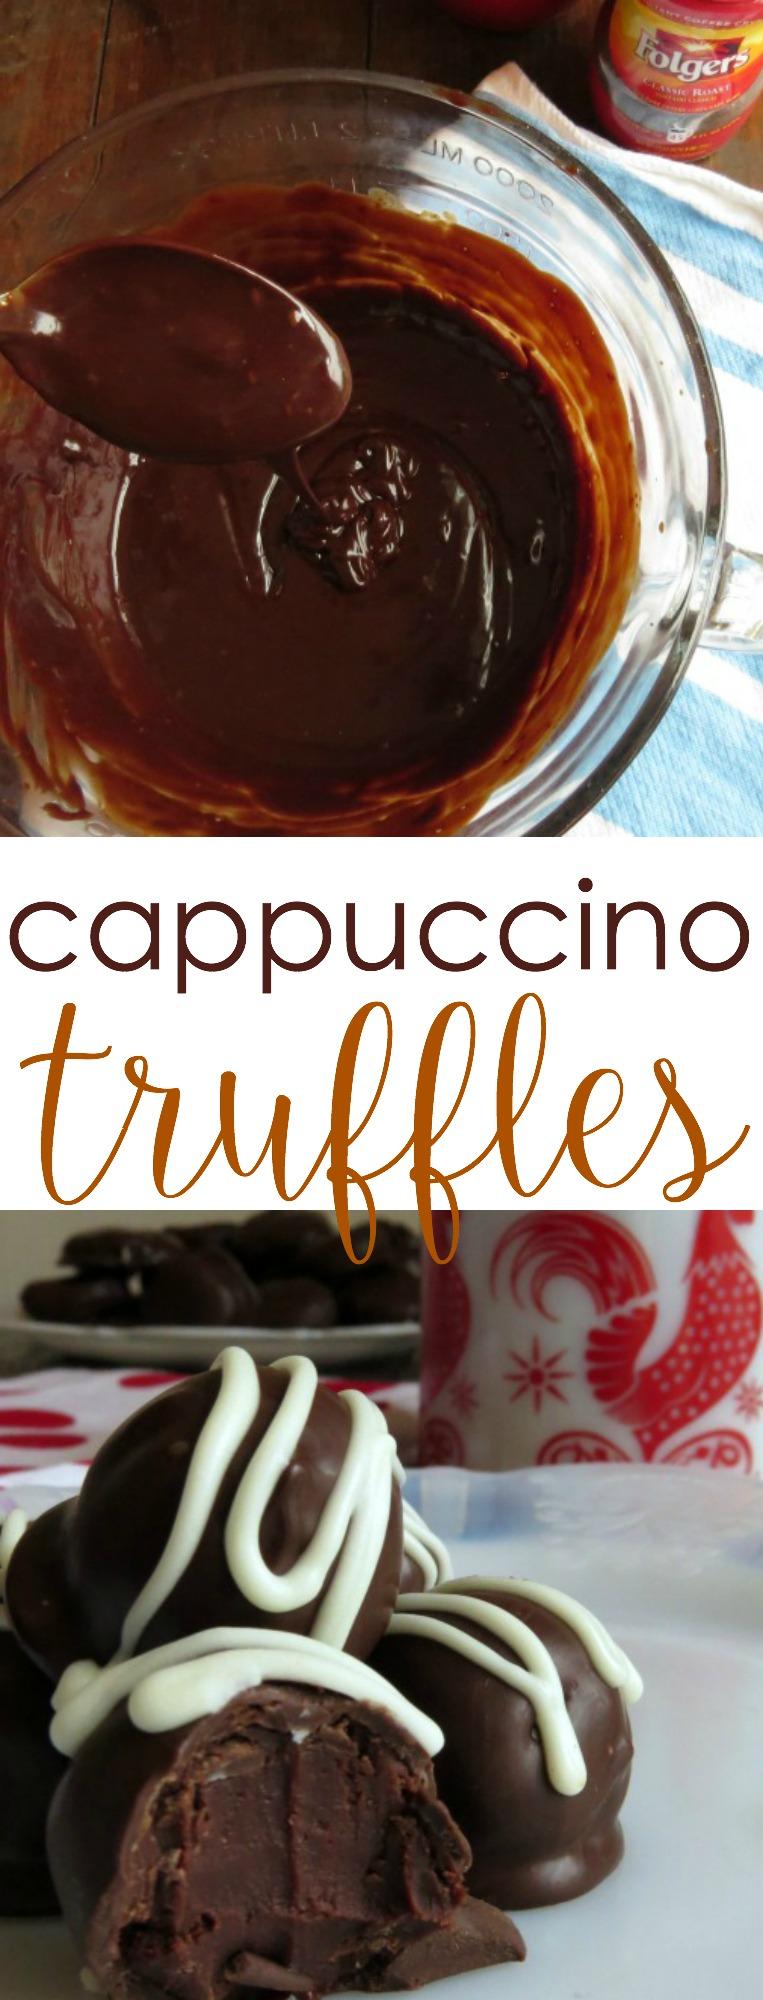 Cappuccino Truffles - Written Reality